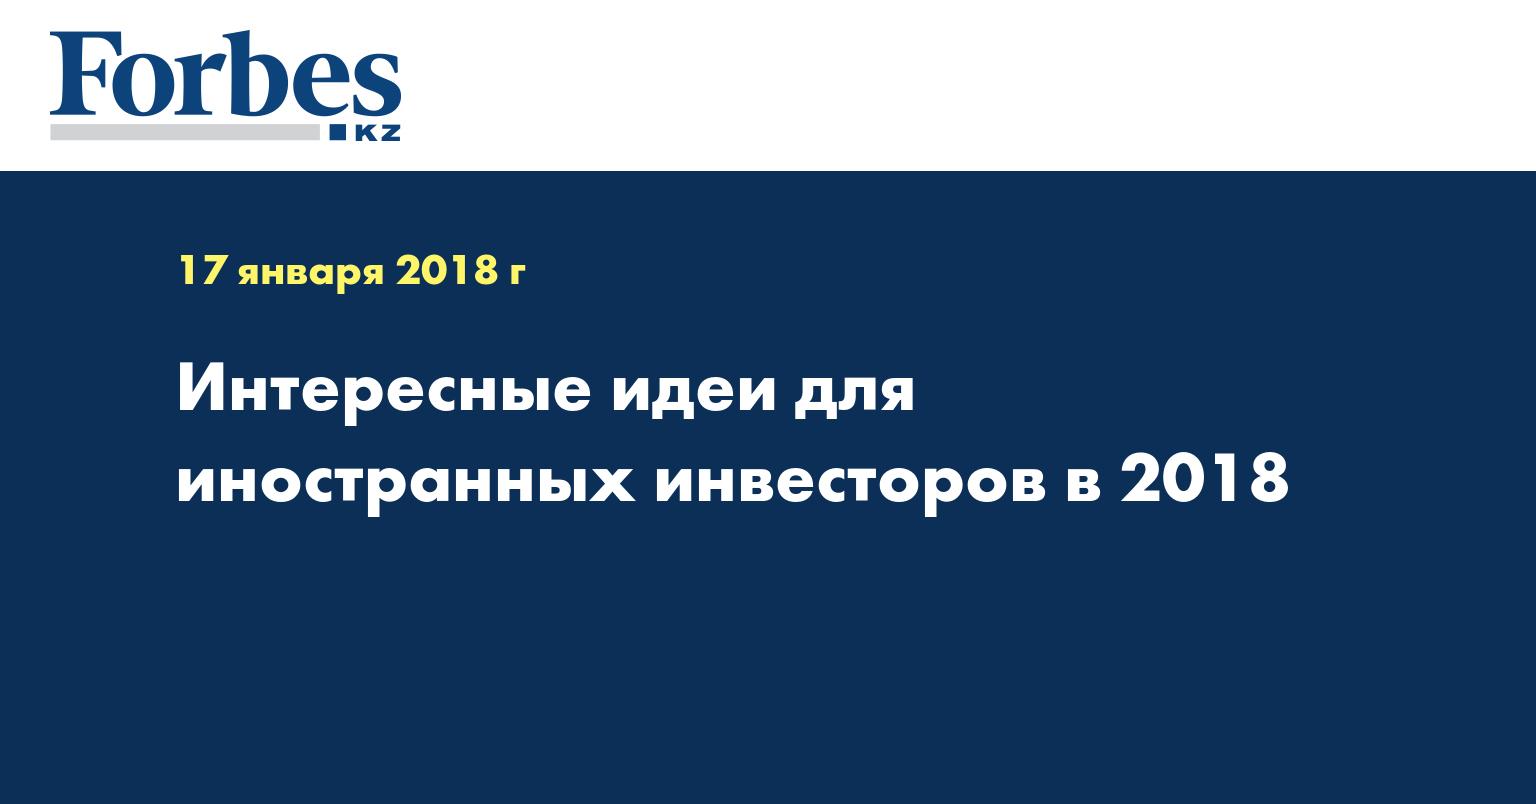 Интересные идеи для иностранных инвесторов в 2018